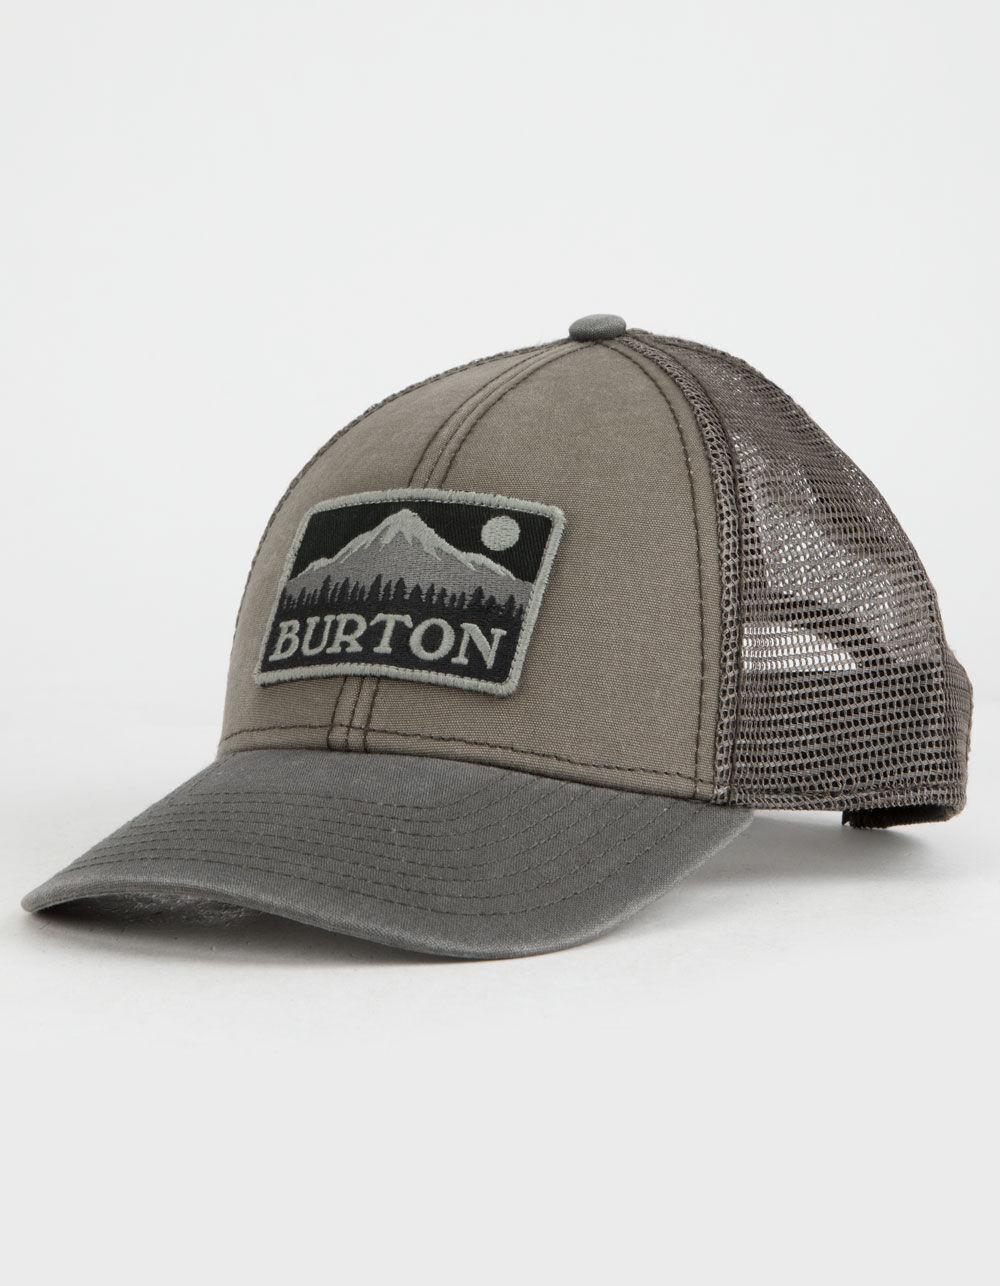 Image of BURTON TREEHOPPER CASTLEROCK TRUCKER HAT